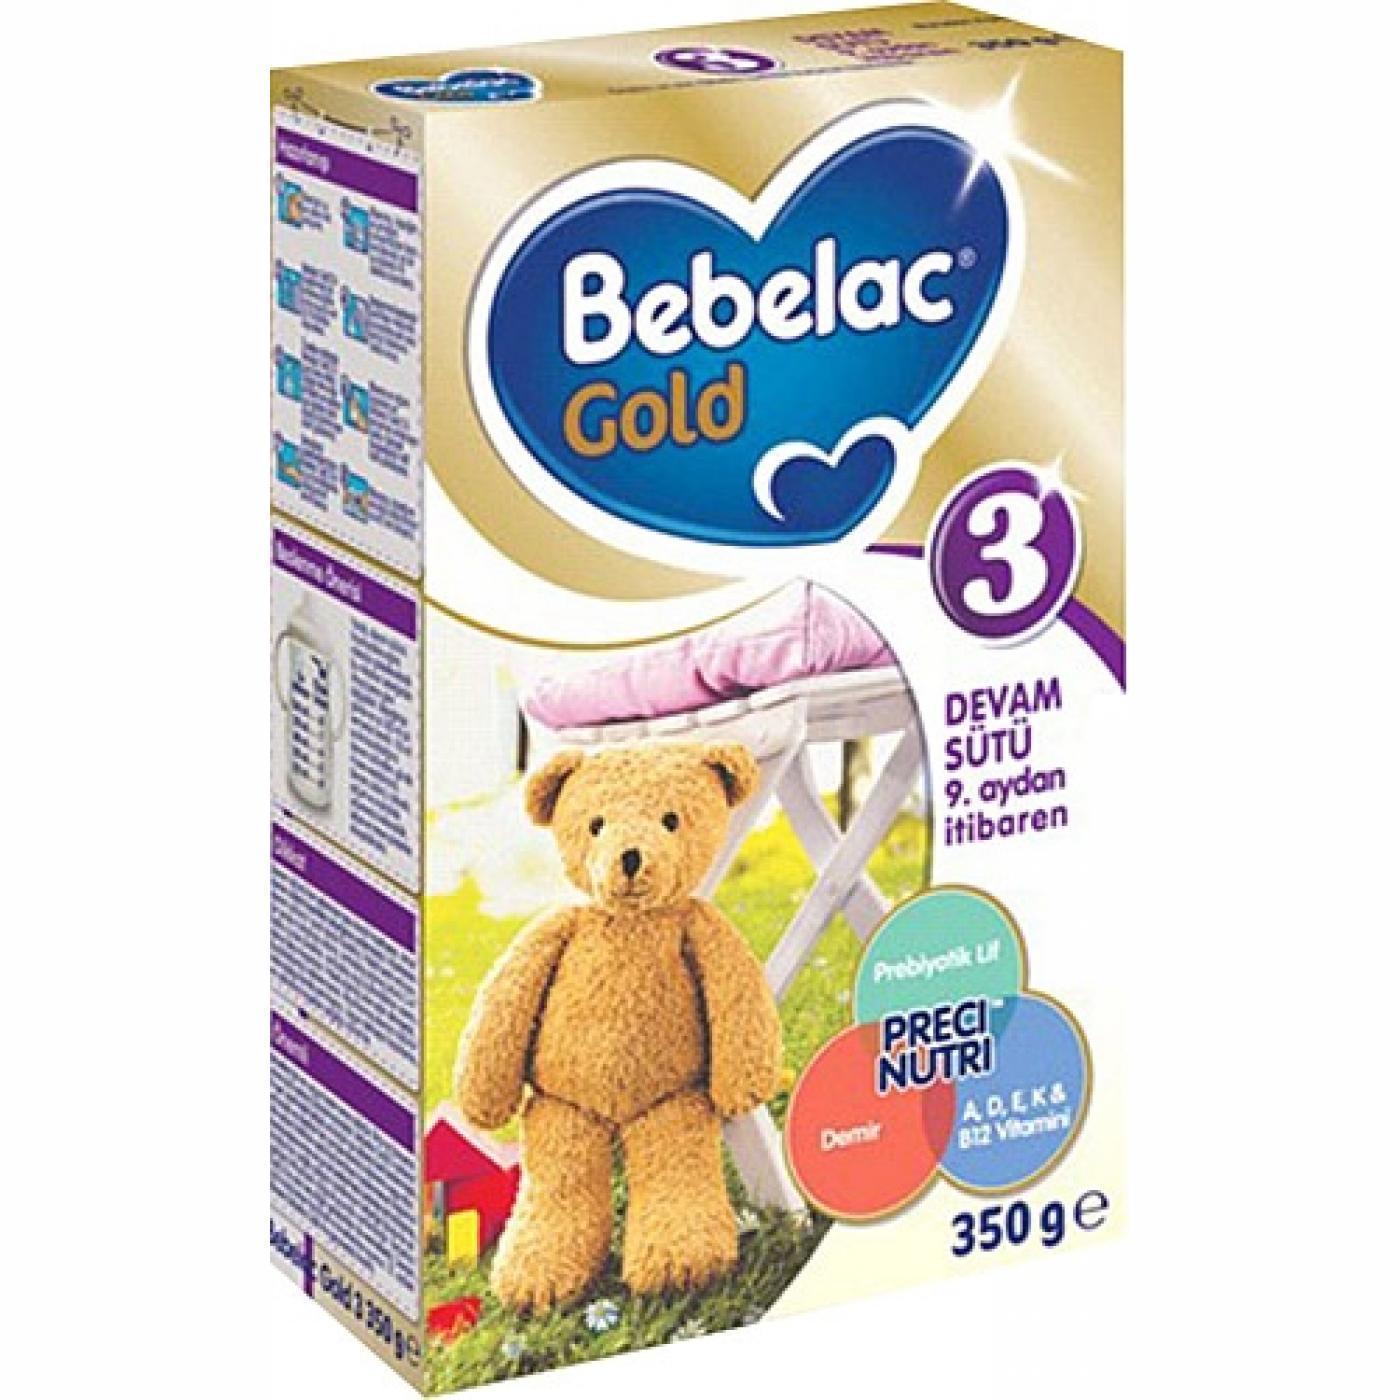 BEBELAC GOLD 3 350GR